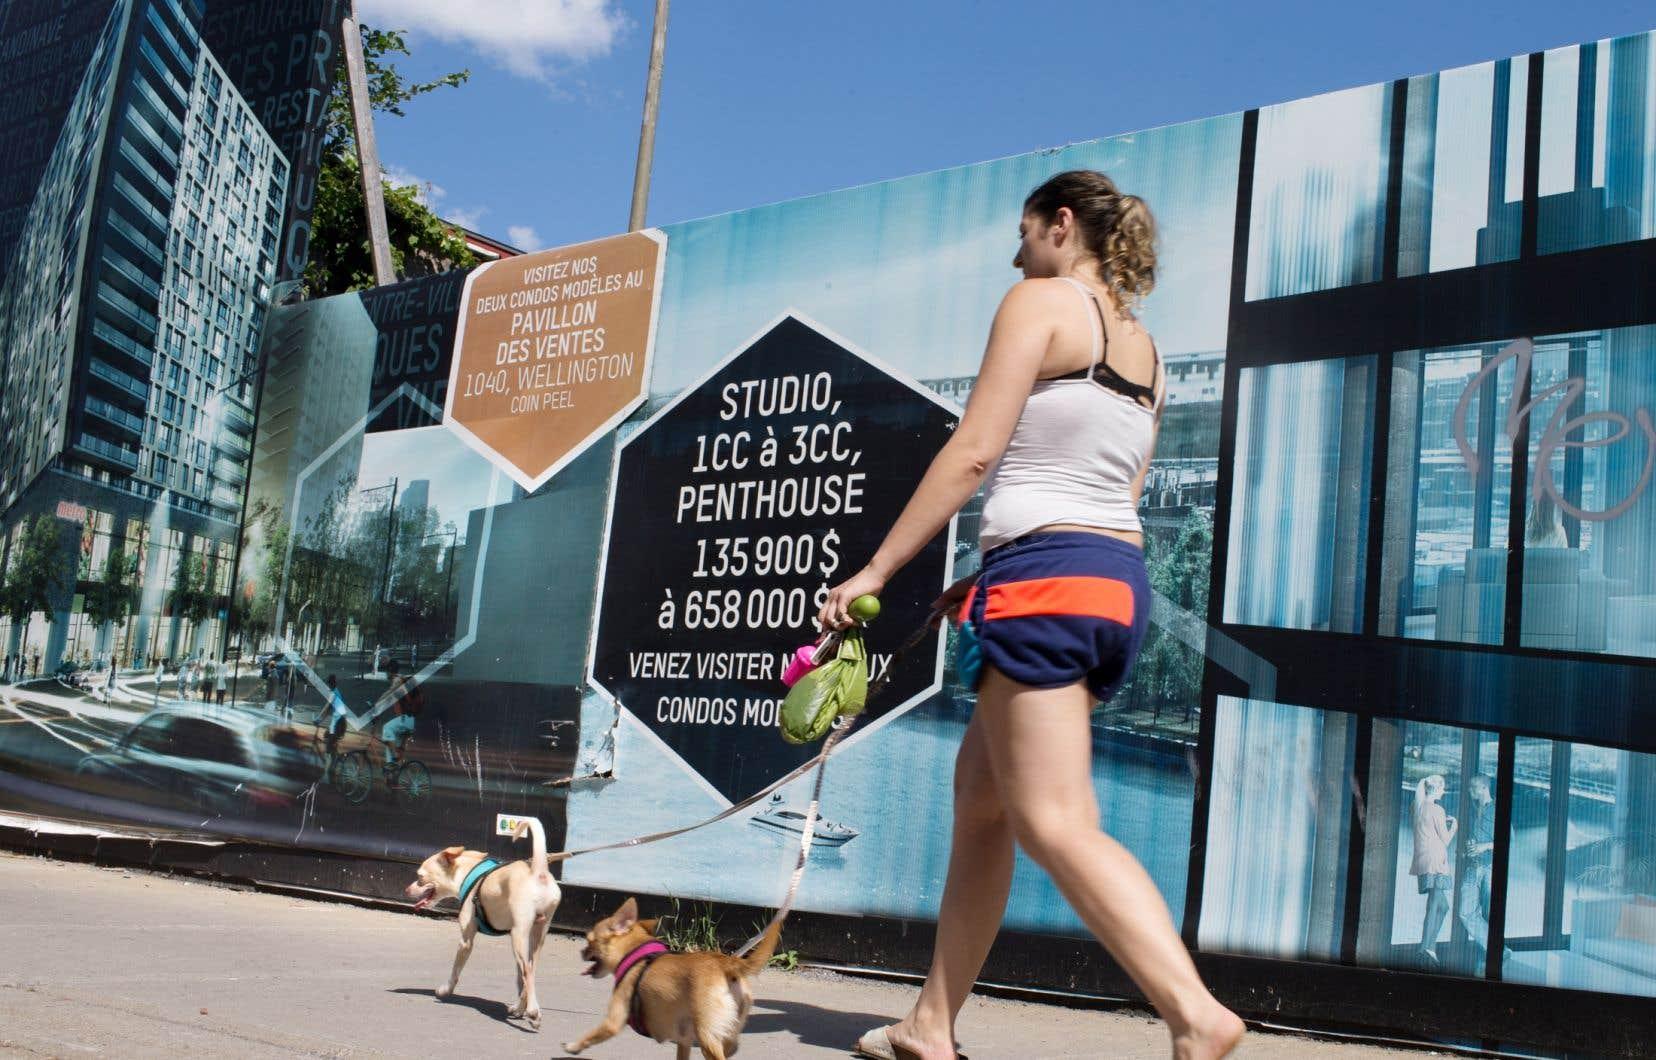 Plus de 42% des nouveaux acheteurs de logement dans la région de Montréal estiment que les investisseurs étrangers ont beaucoup d'influence sur la hausse du prix des maisons, selon une étude.